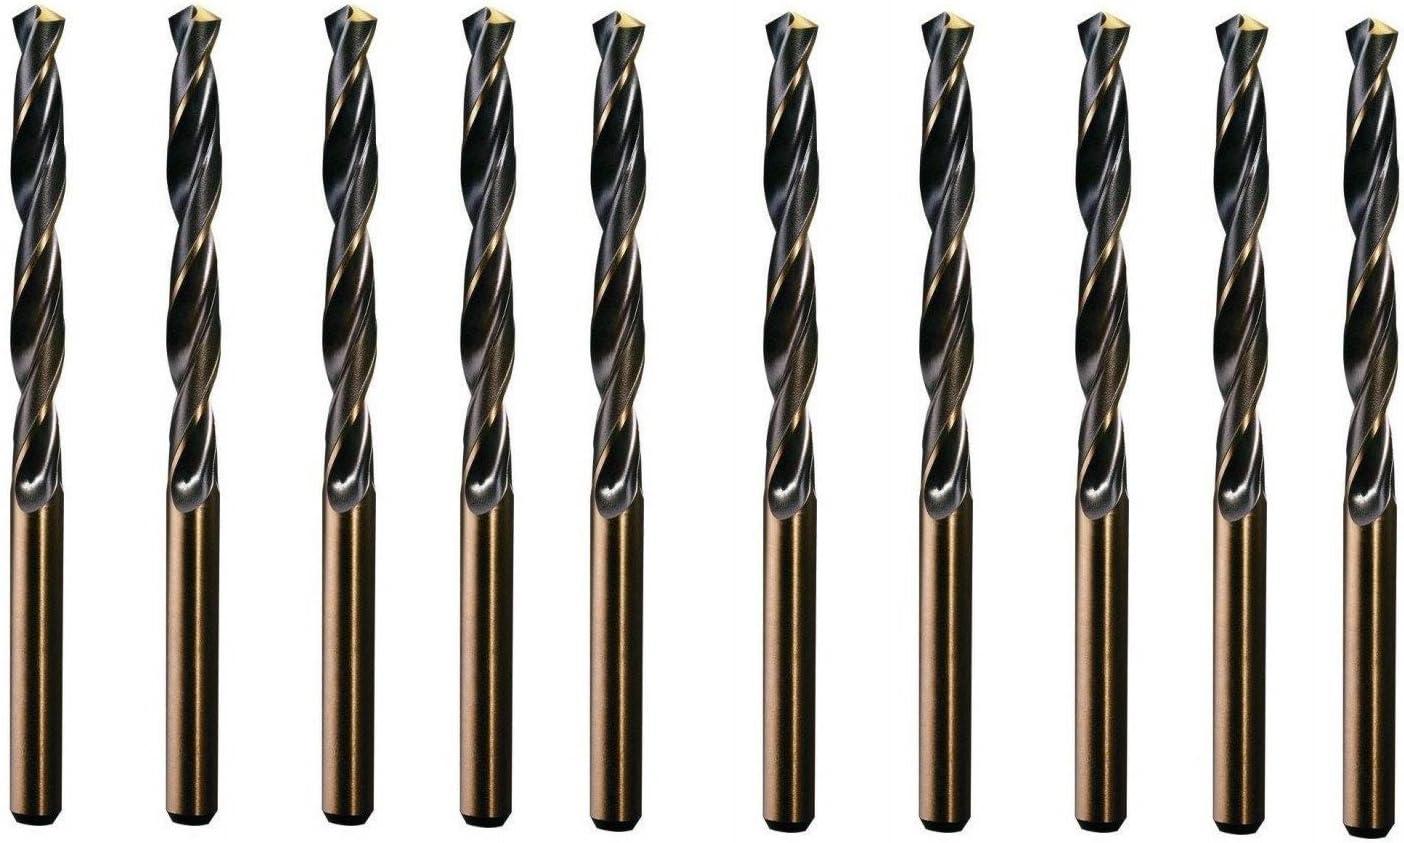 /Brocas para M5/ CNC Calidad 10/unidades/ /Din 338 /Broca espiral Di/ámetro 4,2/mm/ /Fabricado en Alemania/